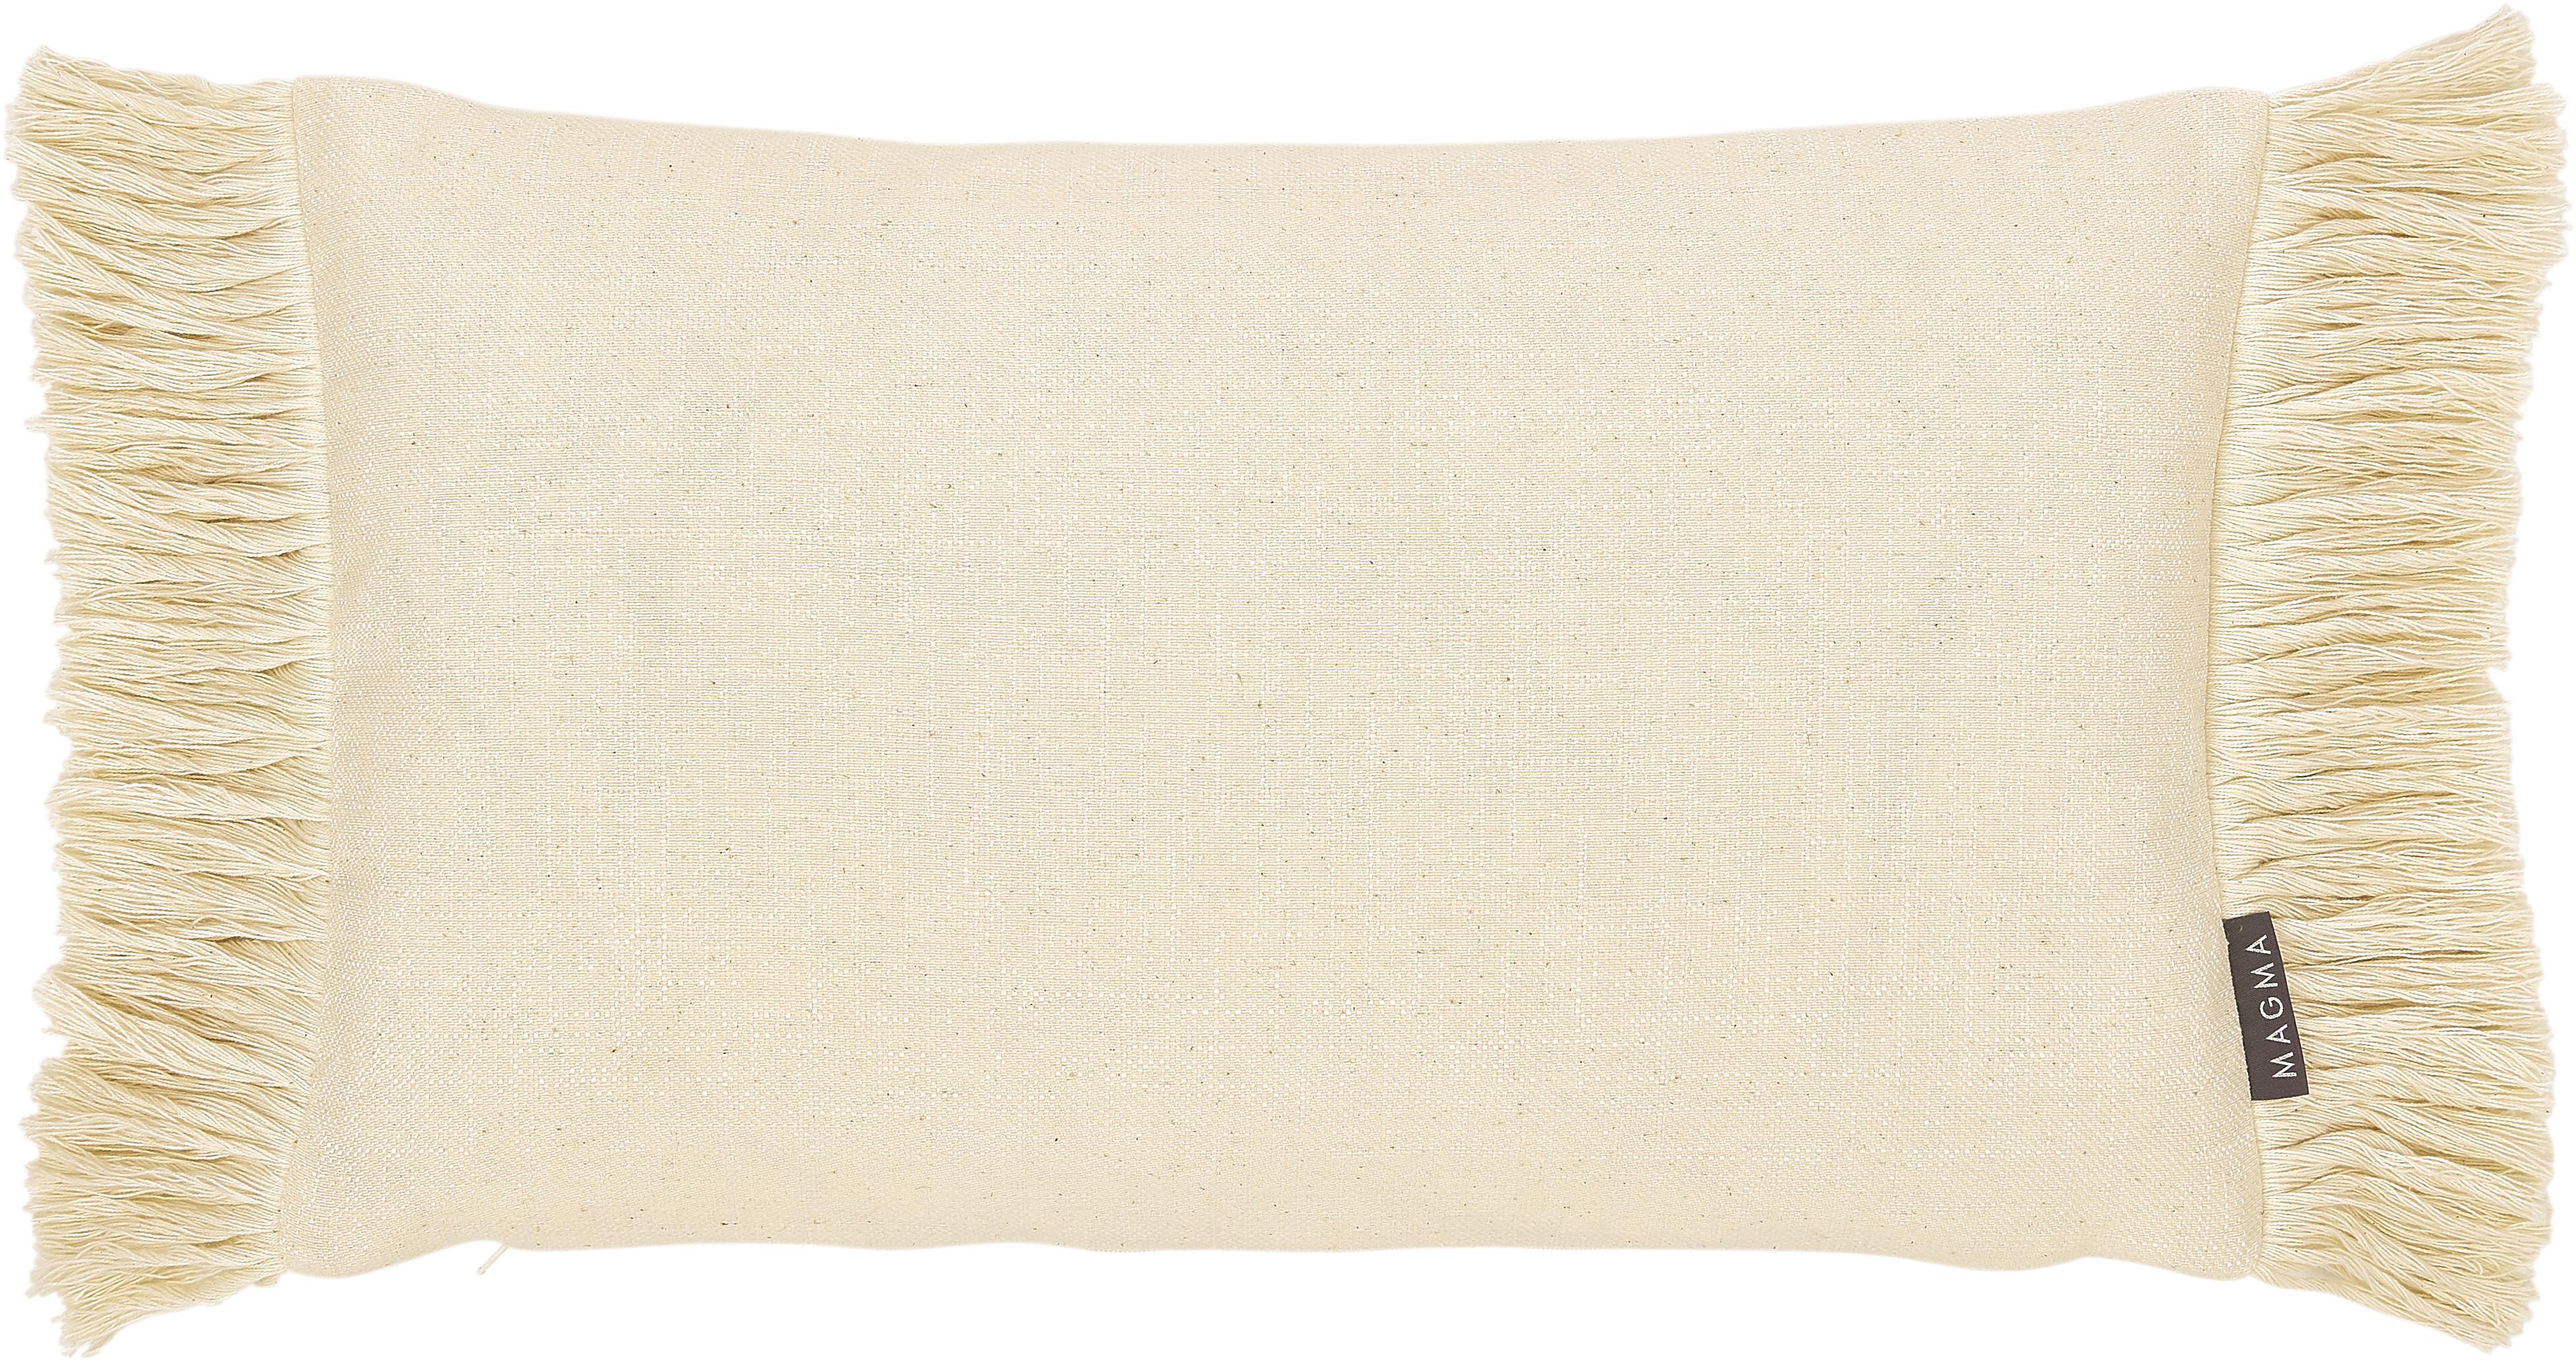 Kussenhoes Tine met franjes, Weeftechniek: jacquard, Beige, 30 x 50 cm